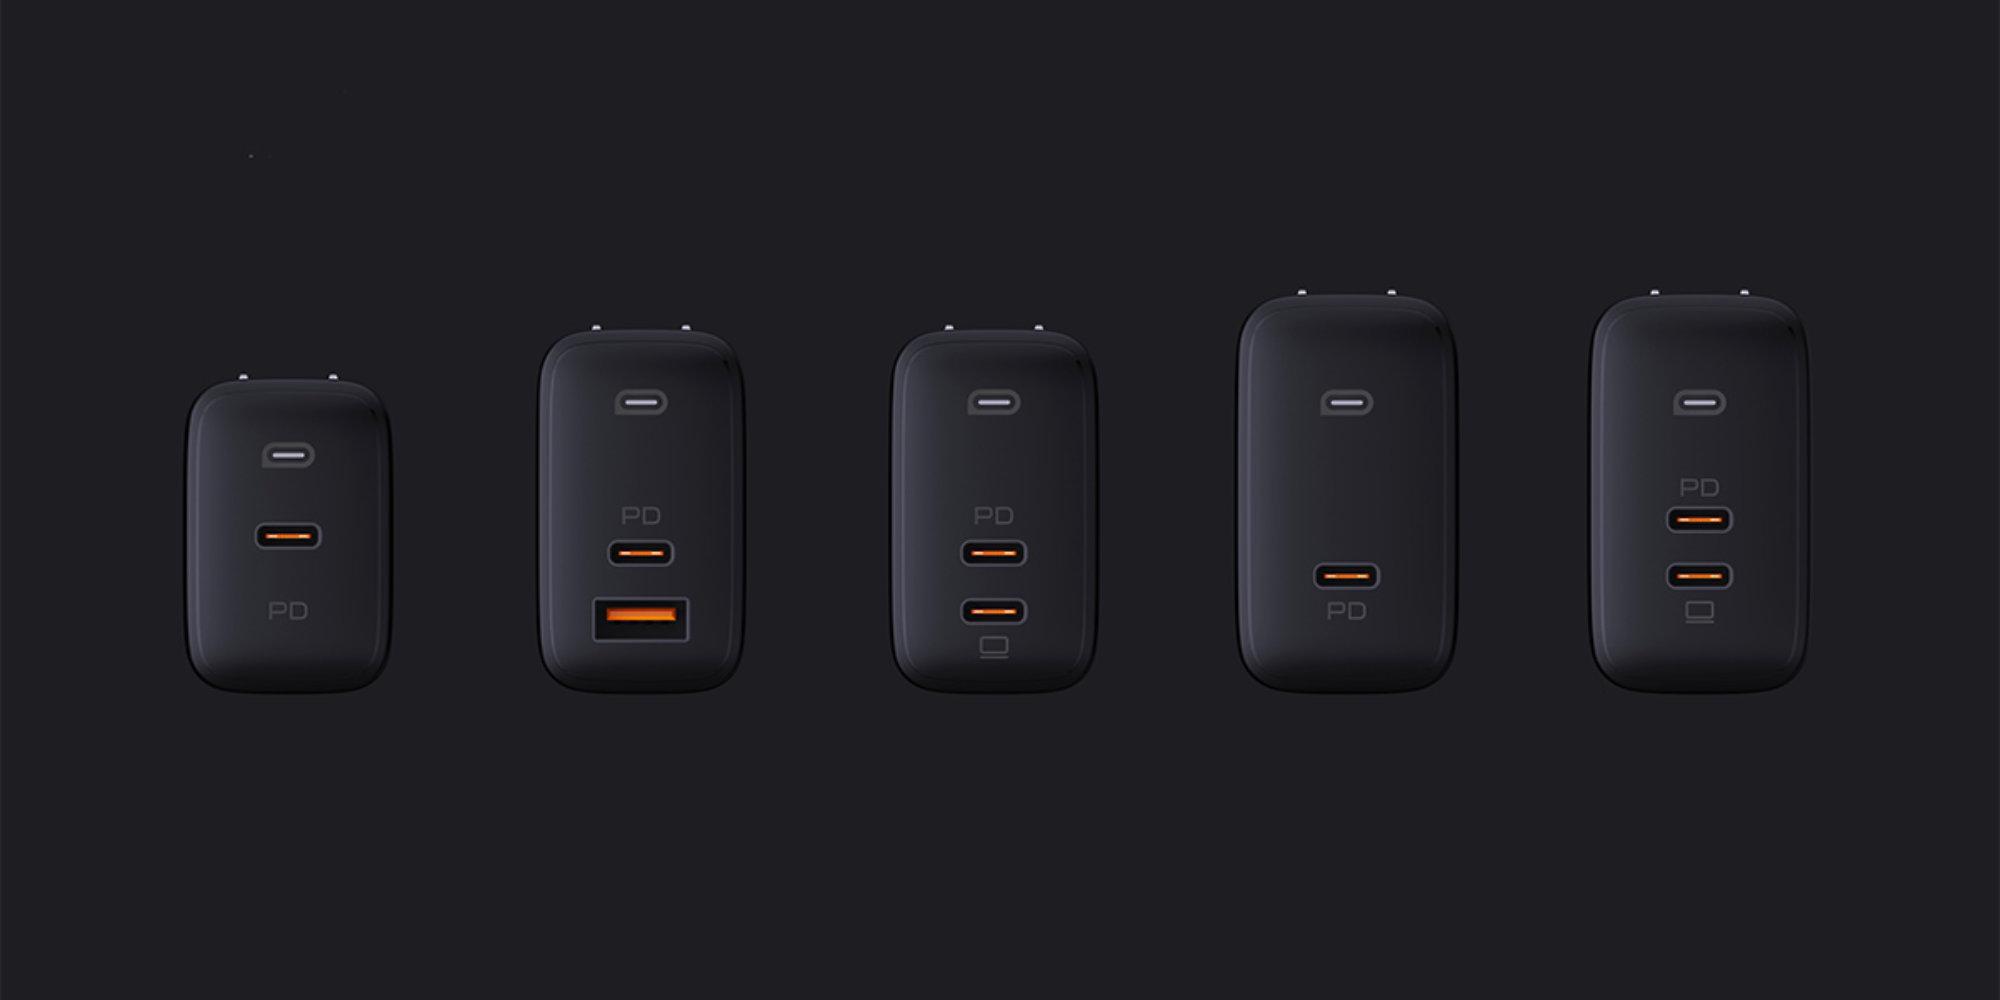 Anker, Aukey et Belkin présentent de nouveaux chargeurs pour nos smartphones, PC, MacBook et iPhone